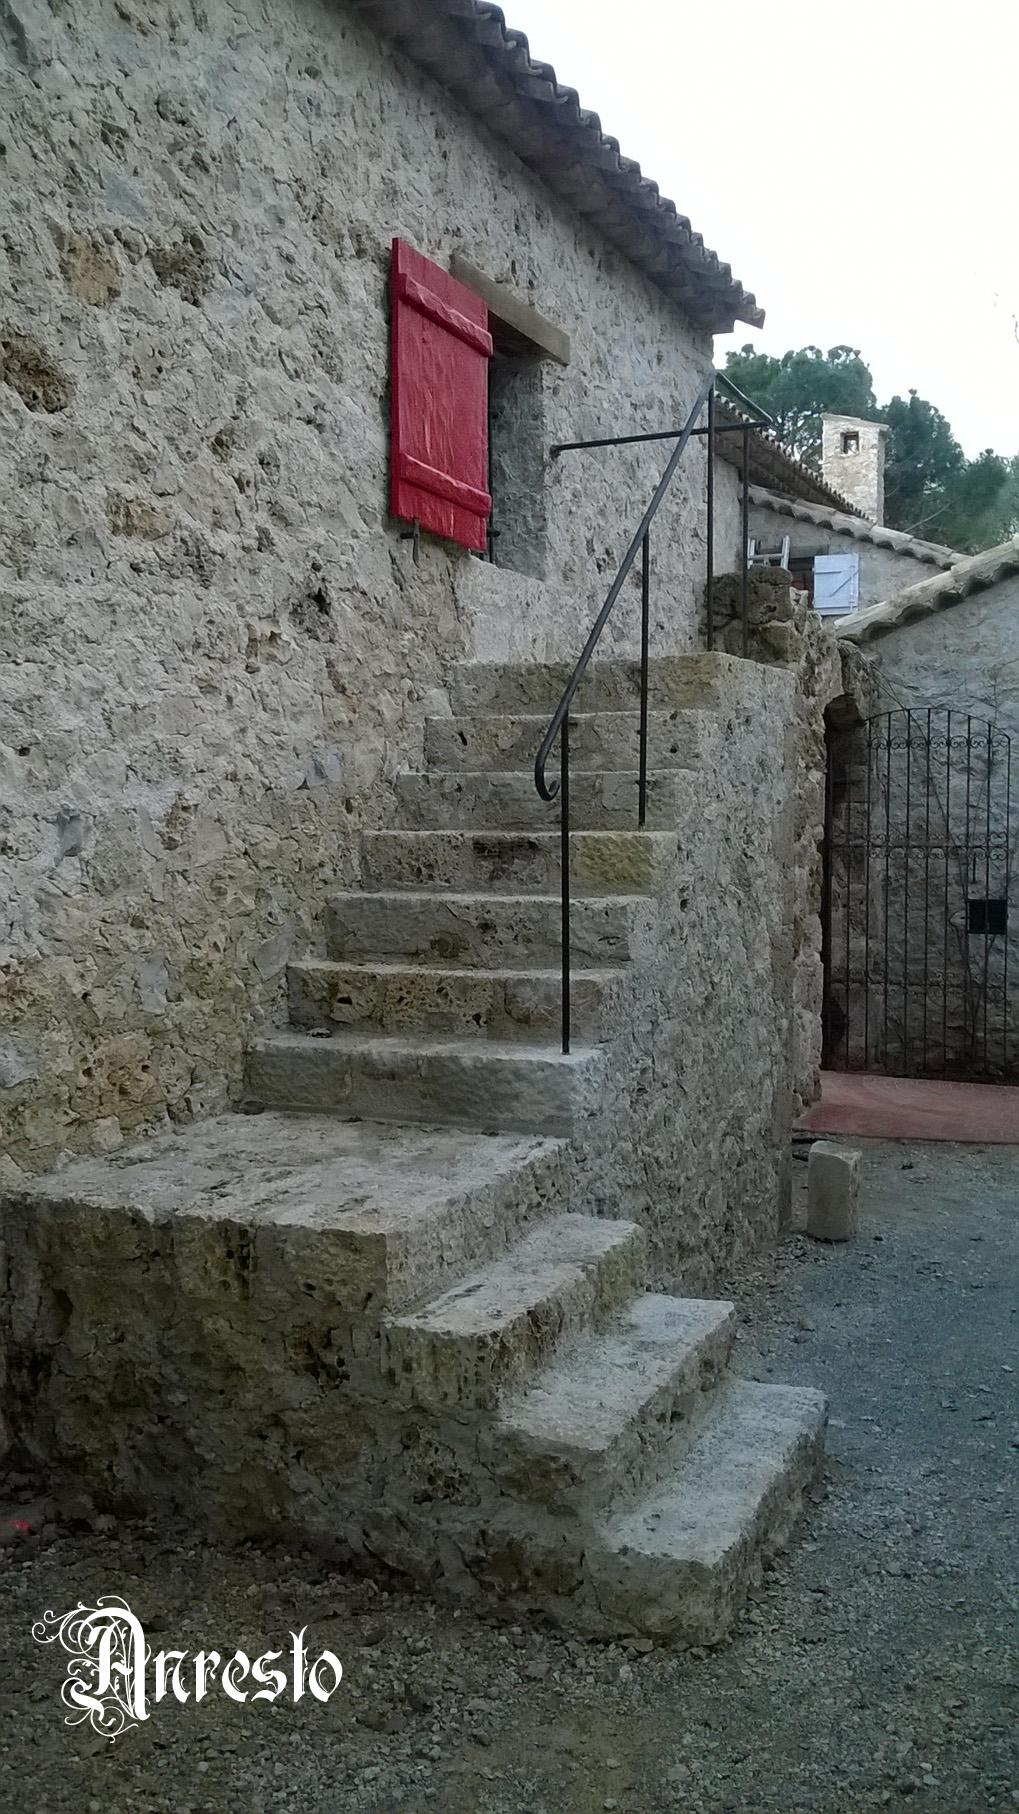 Ref. 52 - Antieke bouwmaterialen, oude historische bouwmaterialen